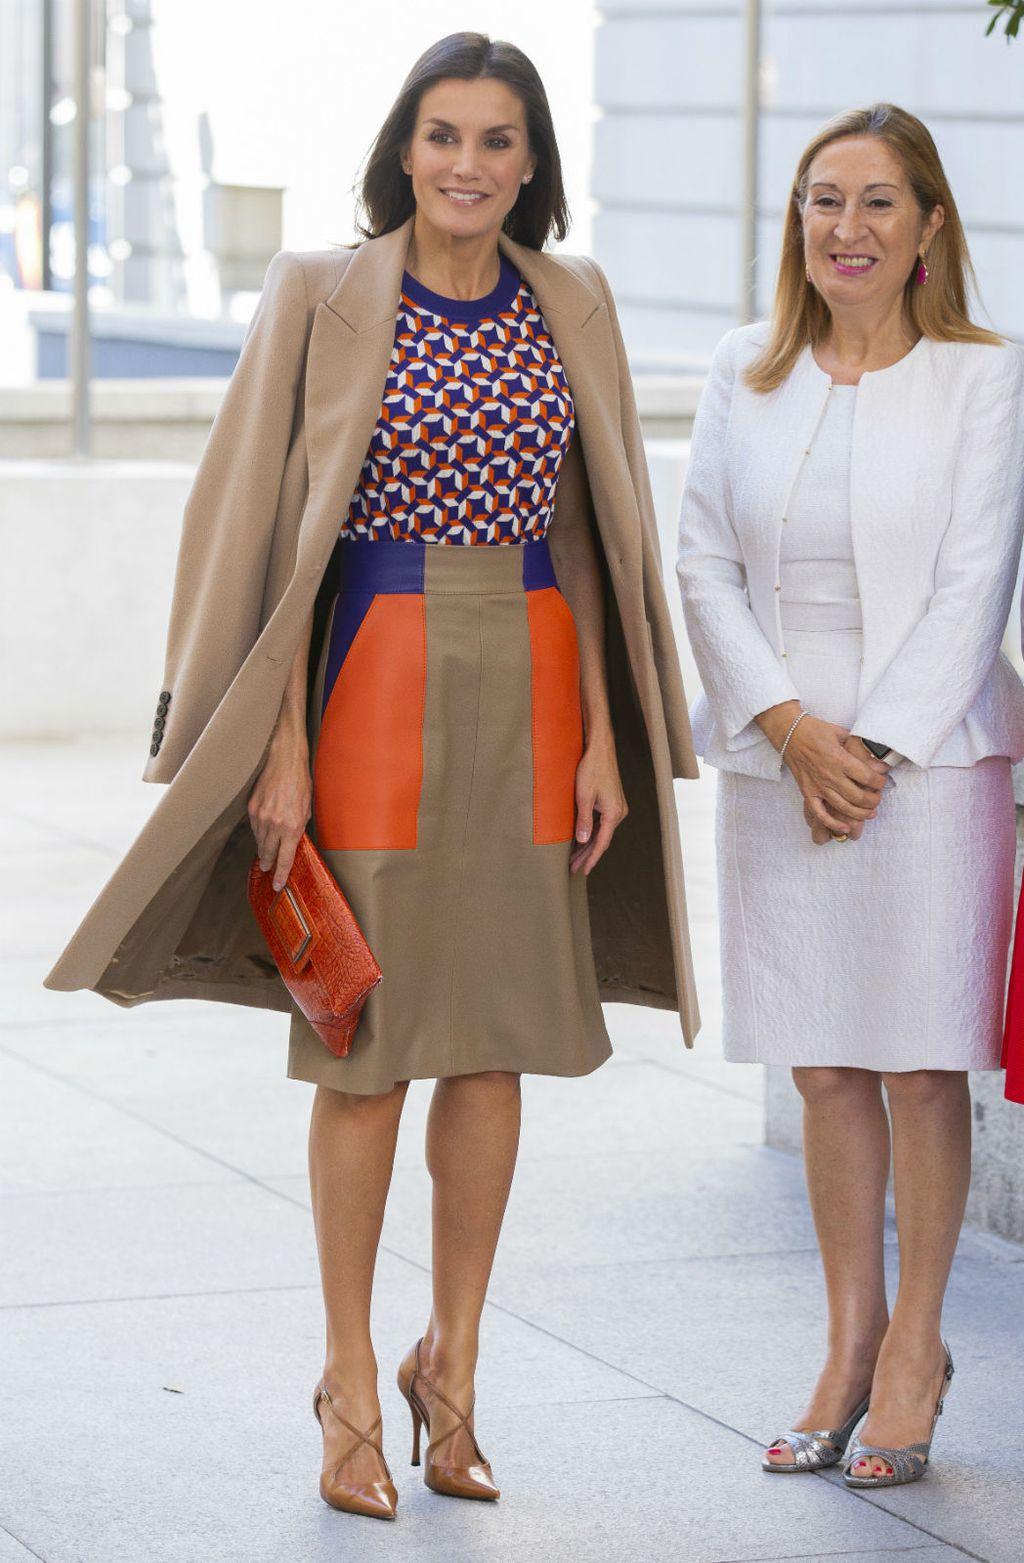 Kraljica Letizia u suknji koja bi se svidjela i Meghan Markle - 1